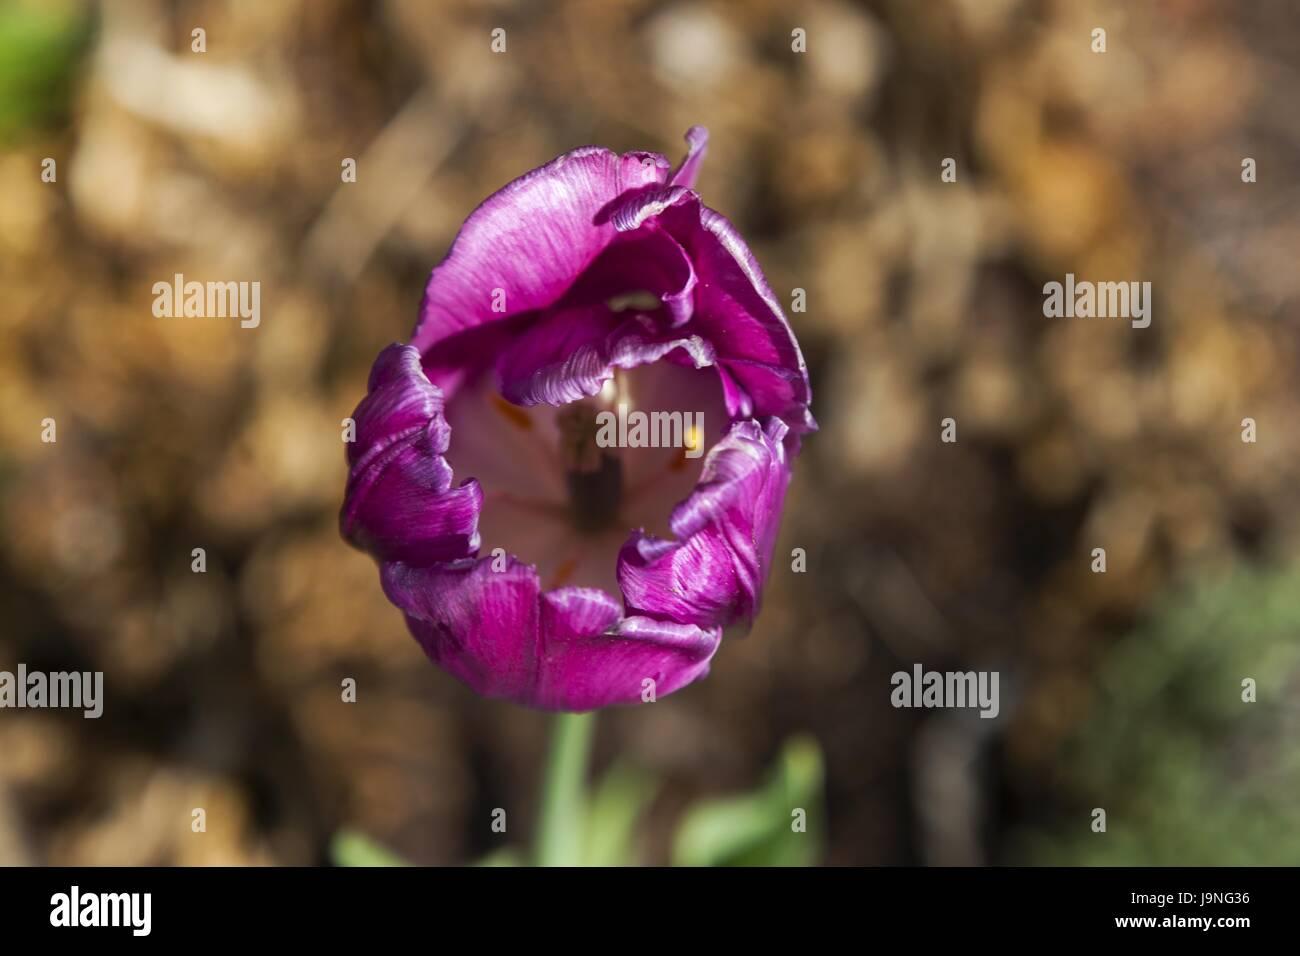 Wild rose rosa acicularis symbol of canadian alberta province wild rose rosa acicularis symbol of canadian alberta province biocorpaavc Choice Image